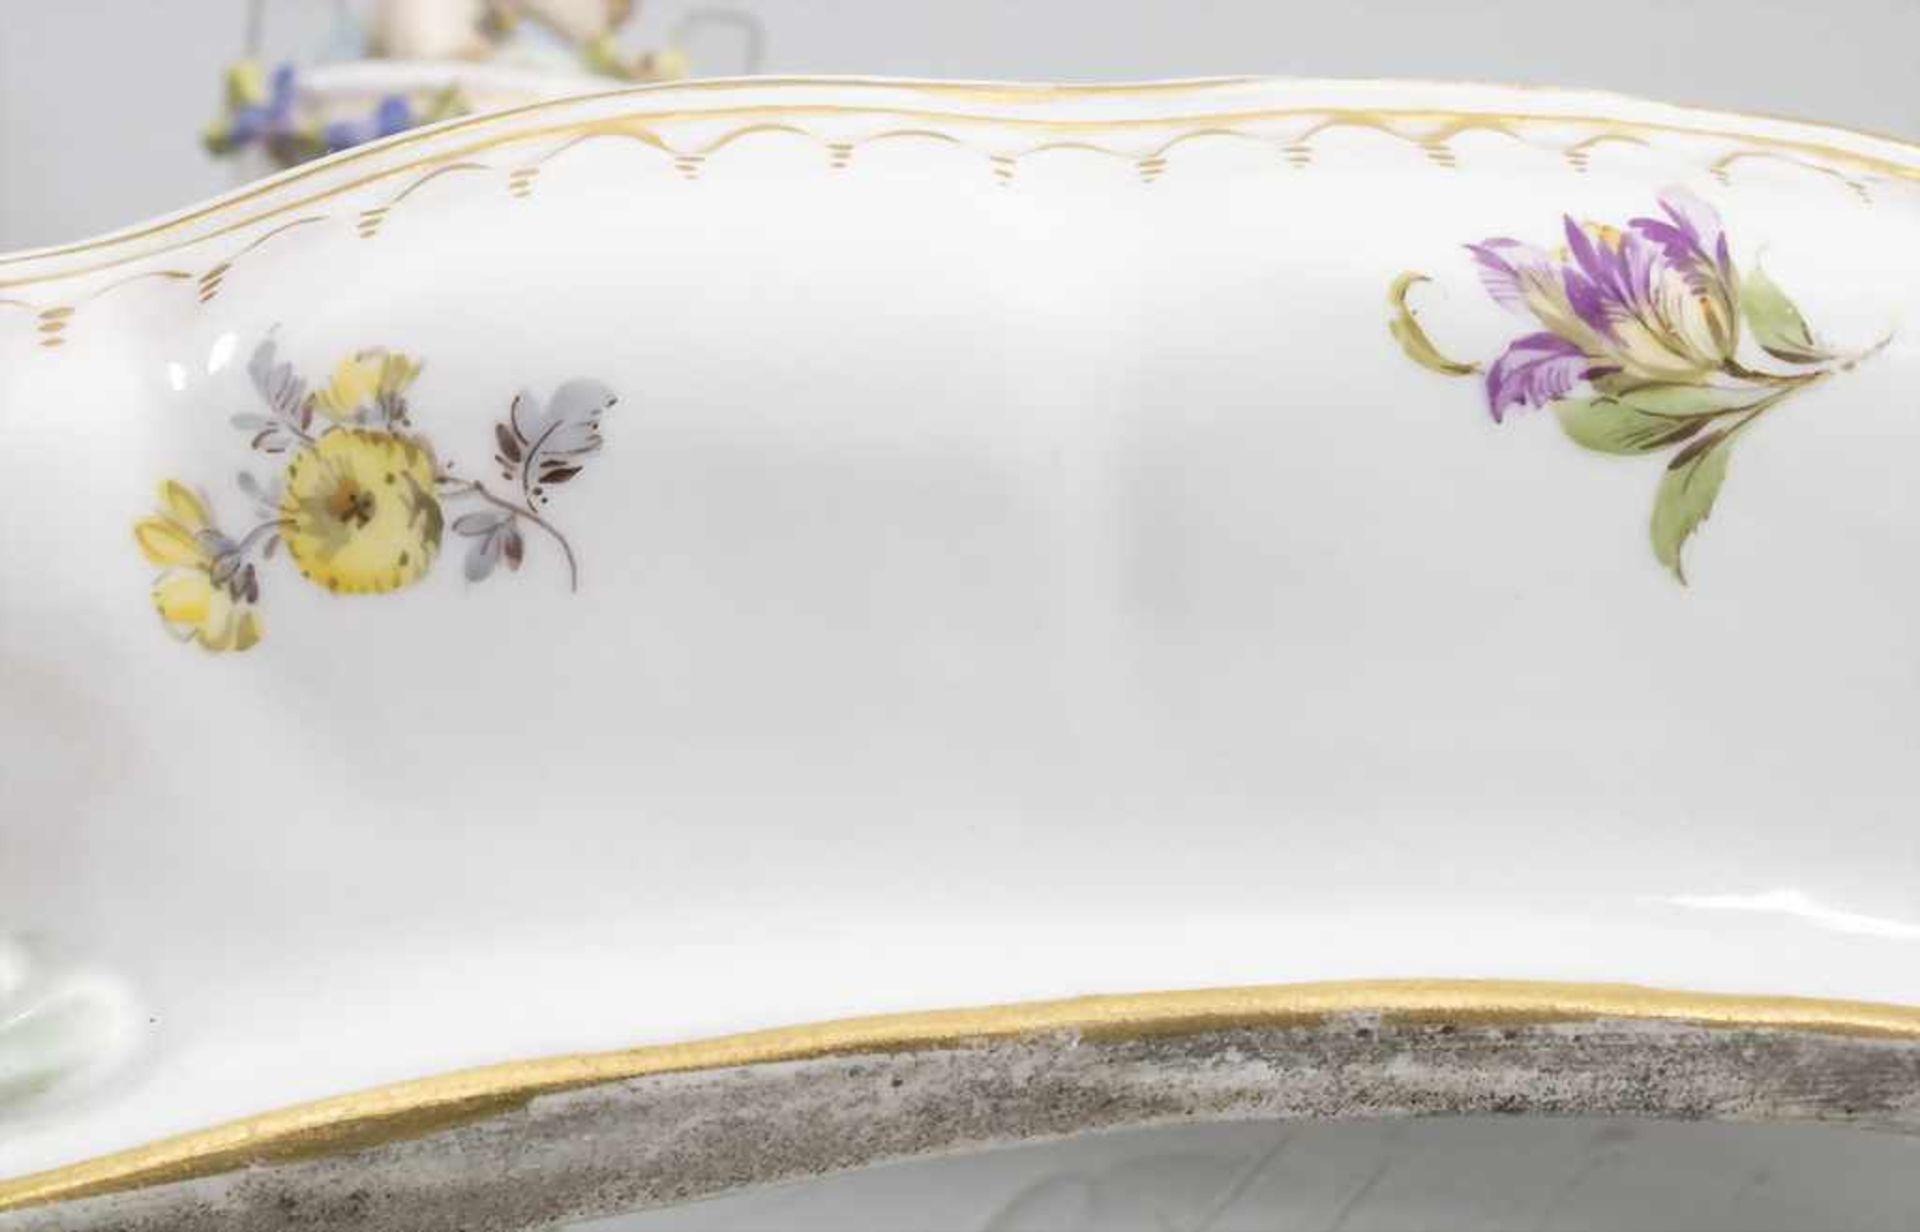 Seltene Tischuhr mit integriertem Schreibset / A rare porcelain table clock with integrated - Bild 8 aus 16